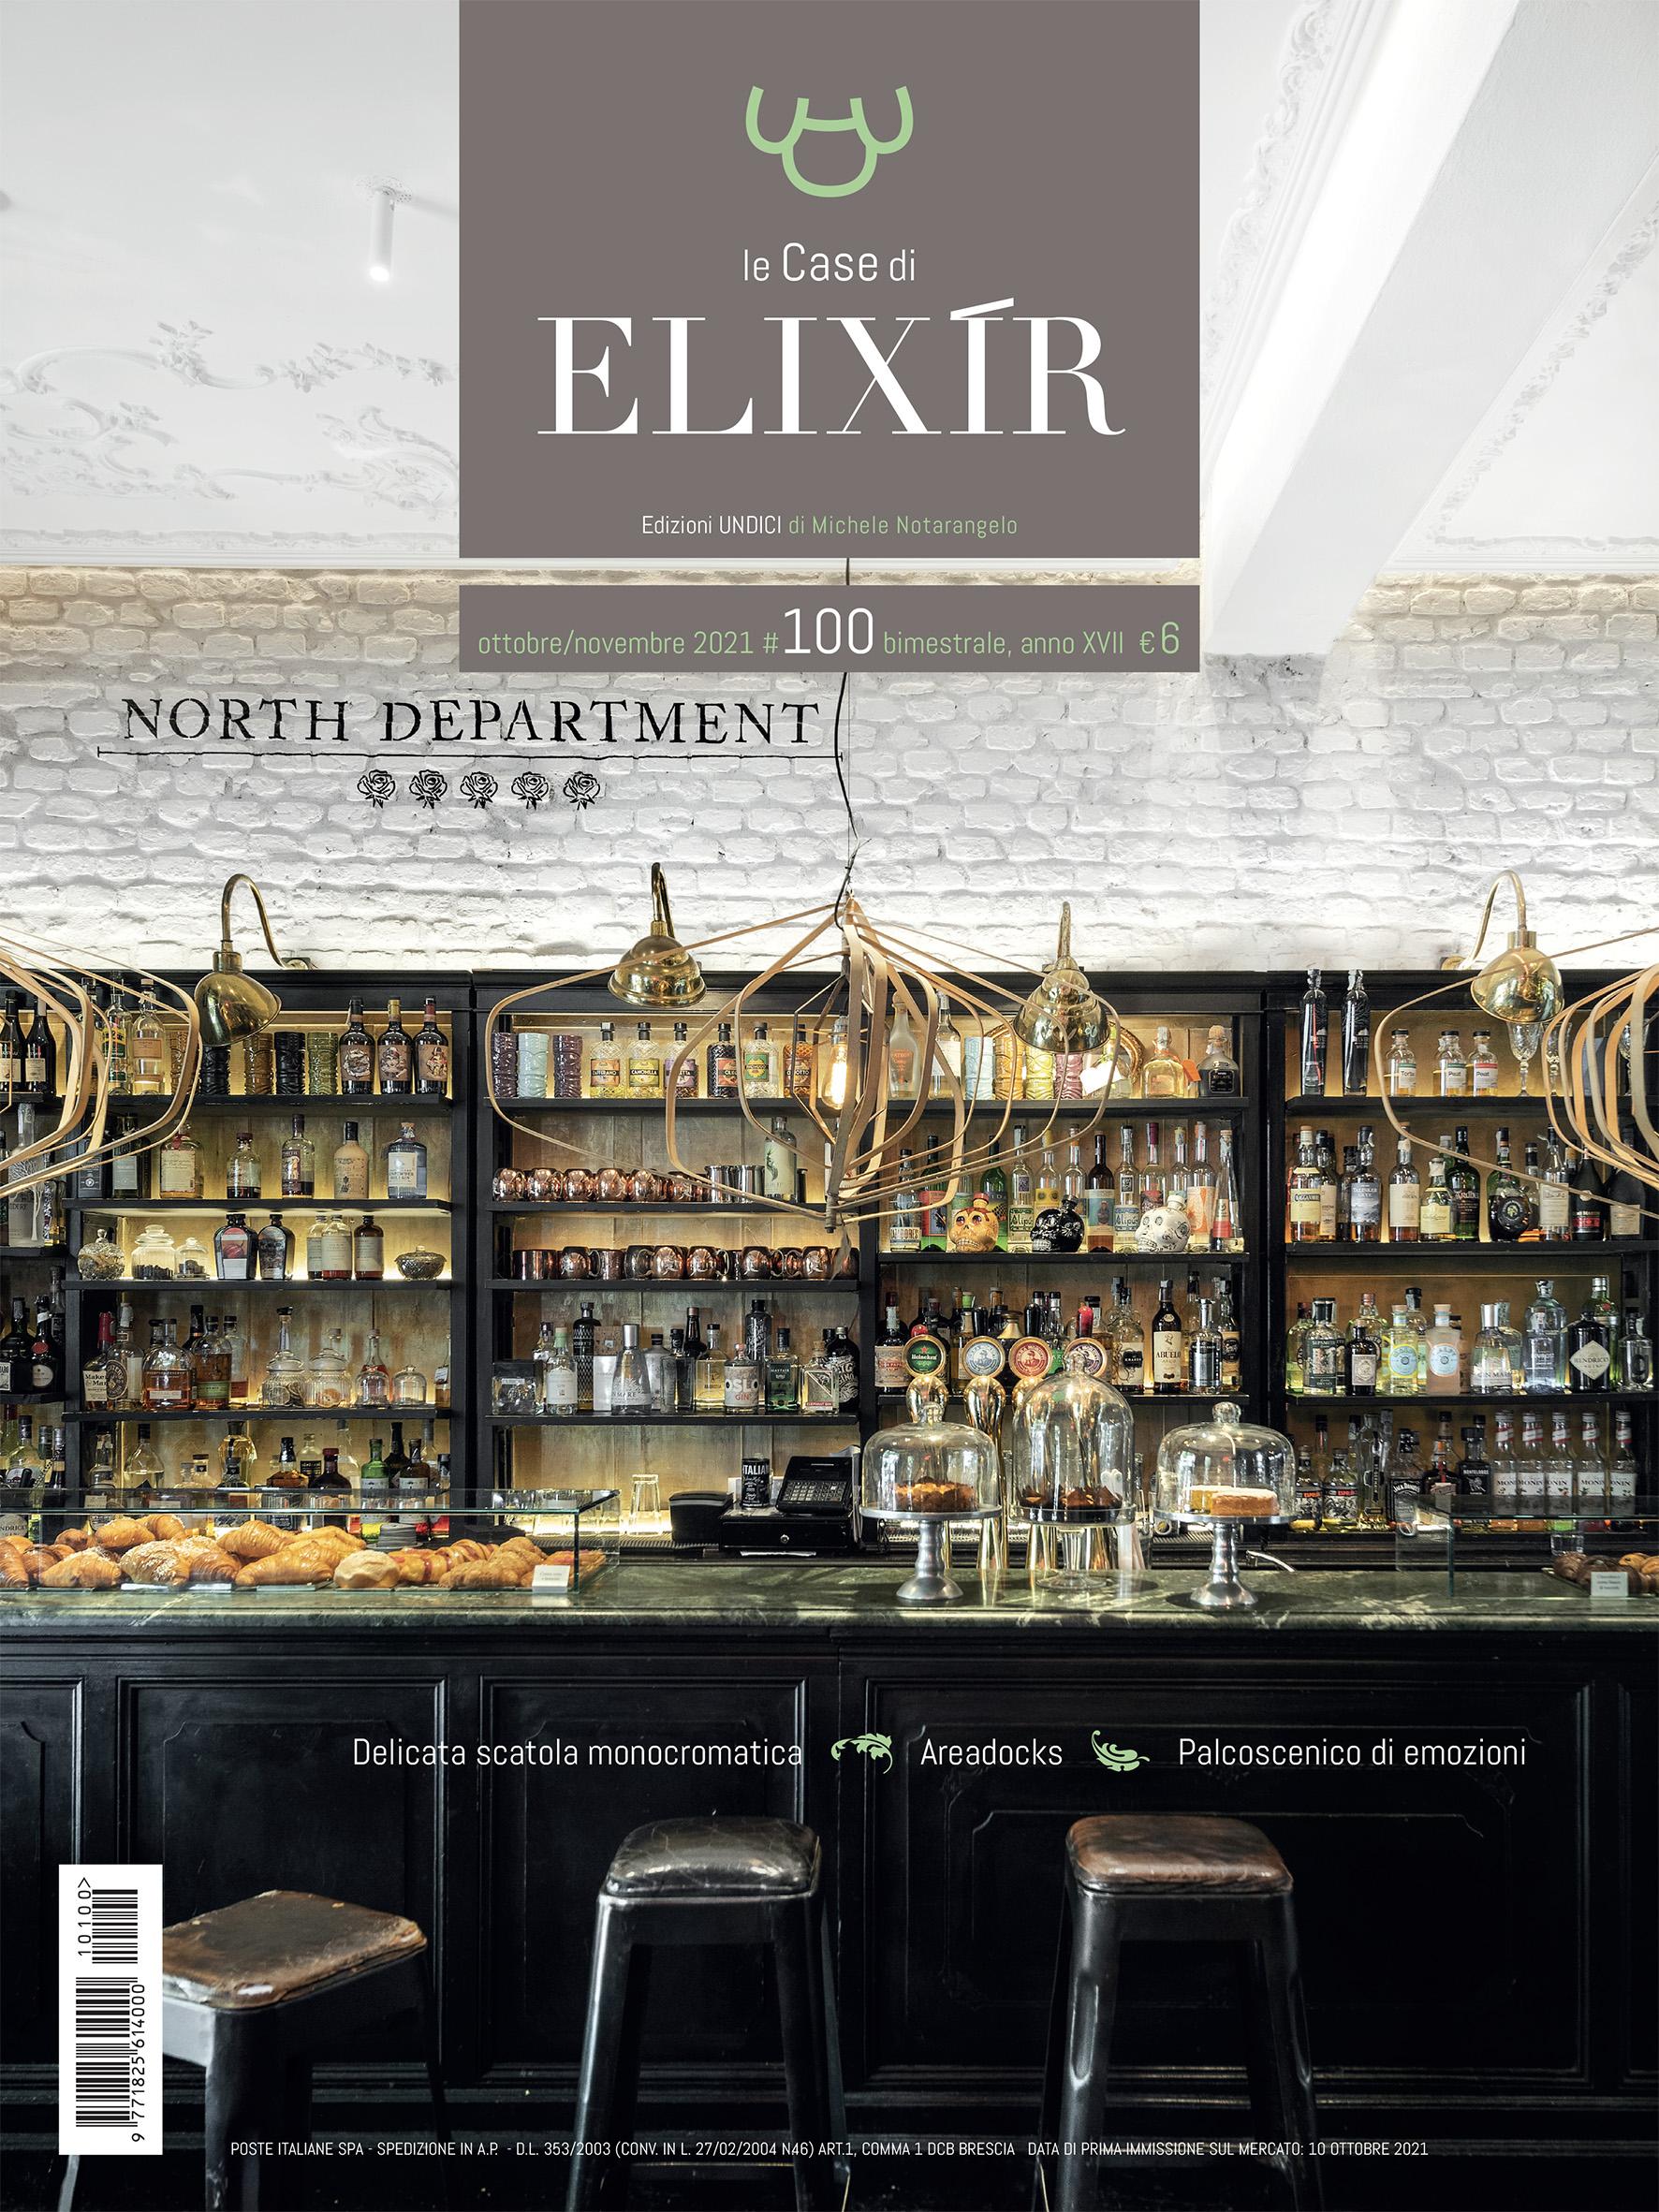 Case di elixir cover image